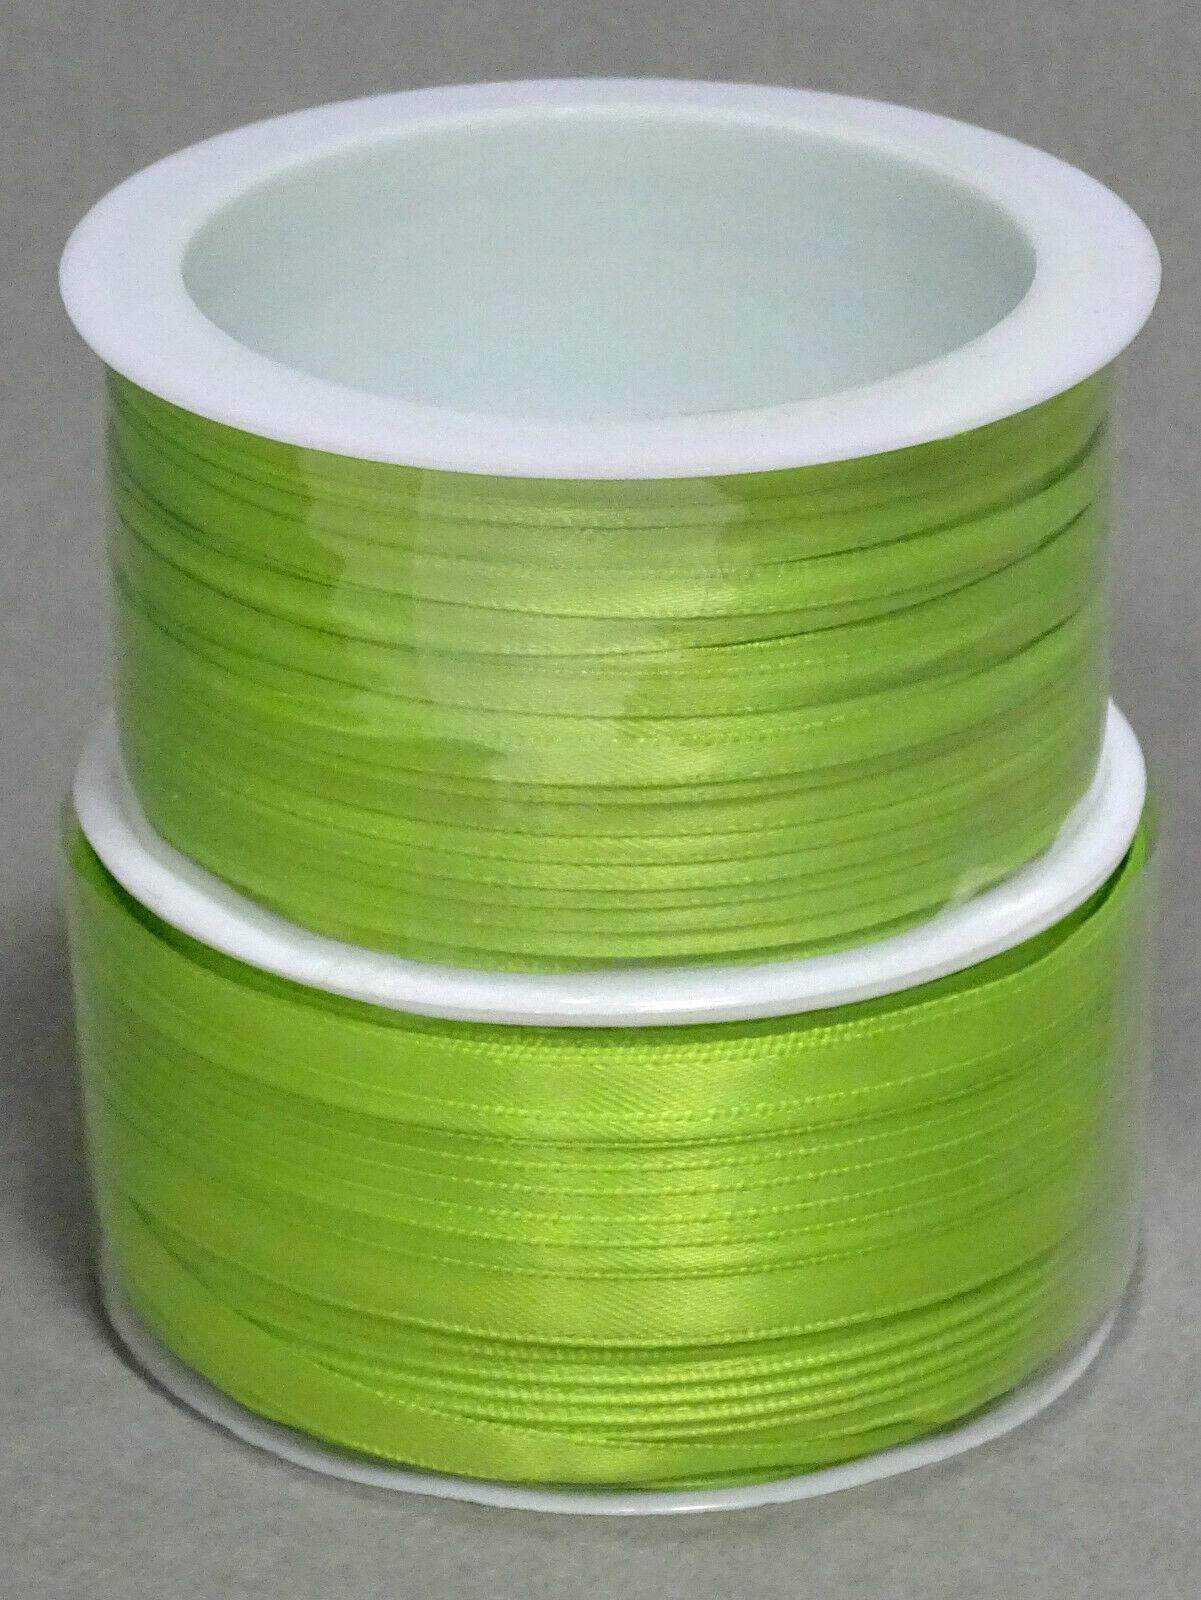 Satinband Schleifenband 50m x 3mm / 6mm Dekoband ab 0,05 €/m Geschenkband Rolle - Kiwi 210, 3 mm x 50 m